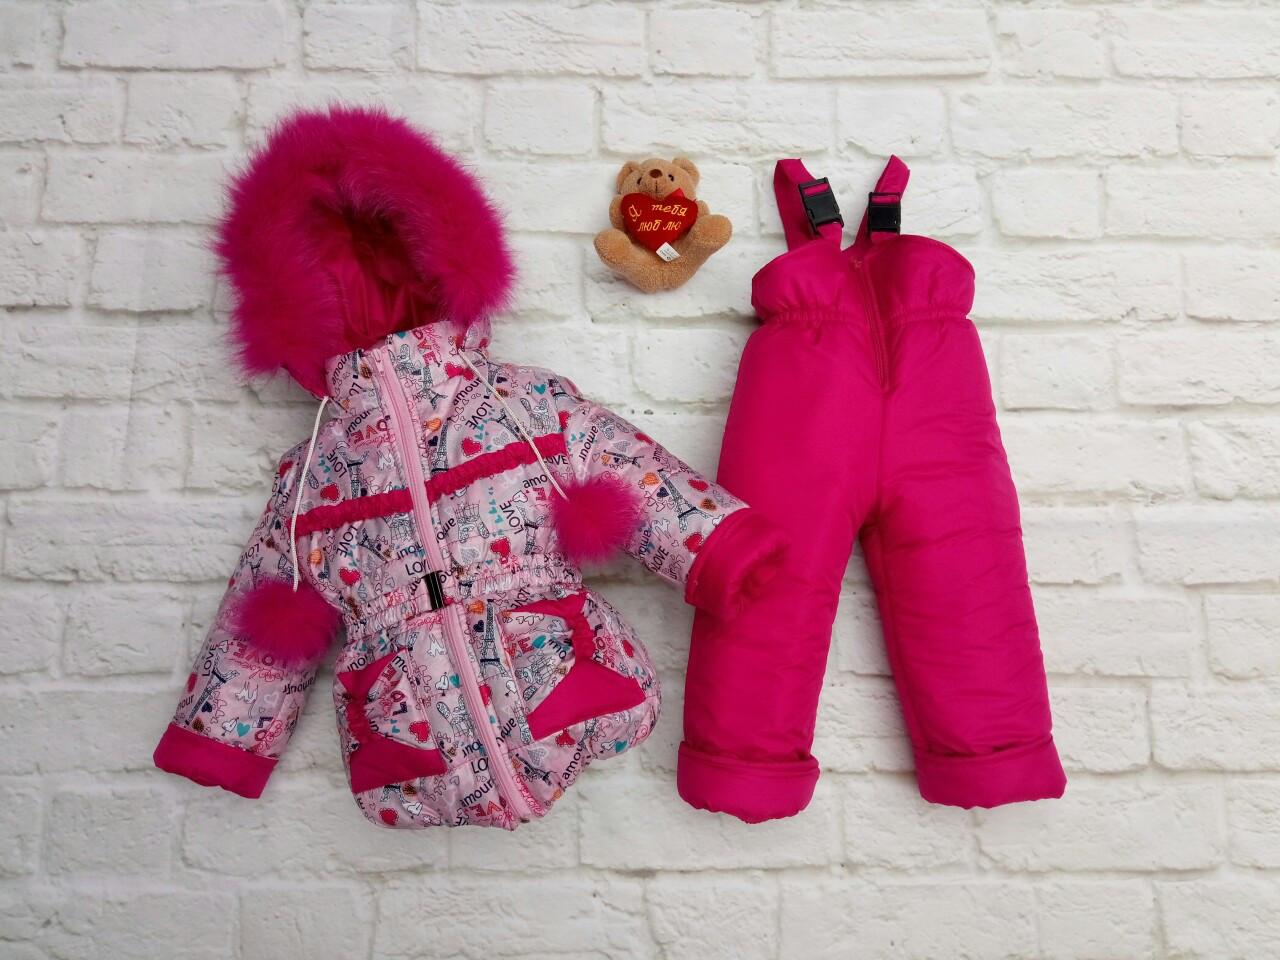 Зимняя детская куртка и полукомбез,натуральная опушка размеры от 26 до 32 РАЗНЫЕ ЦВЕТА Д-075